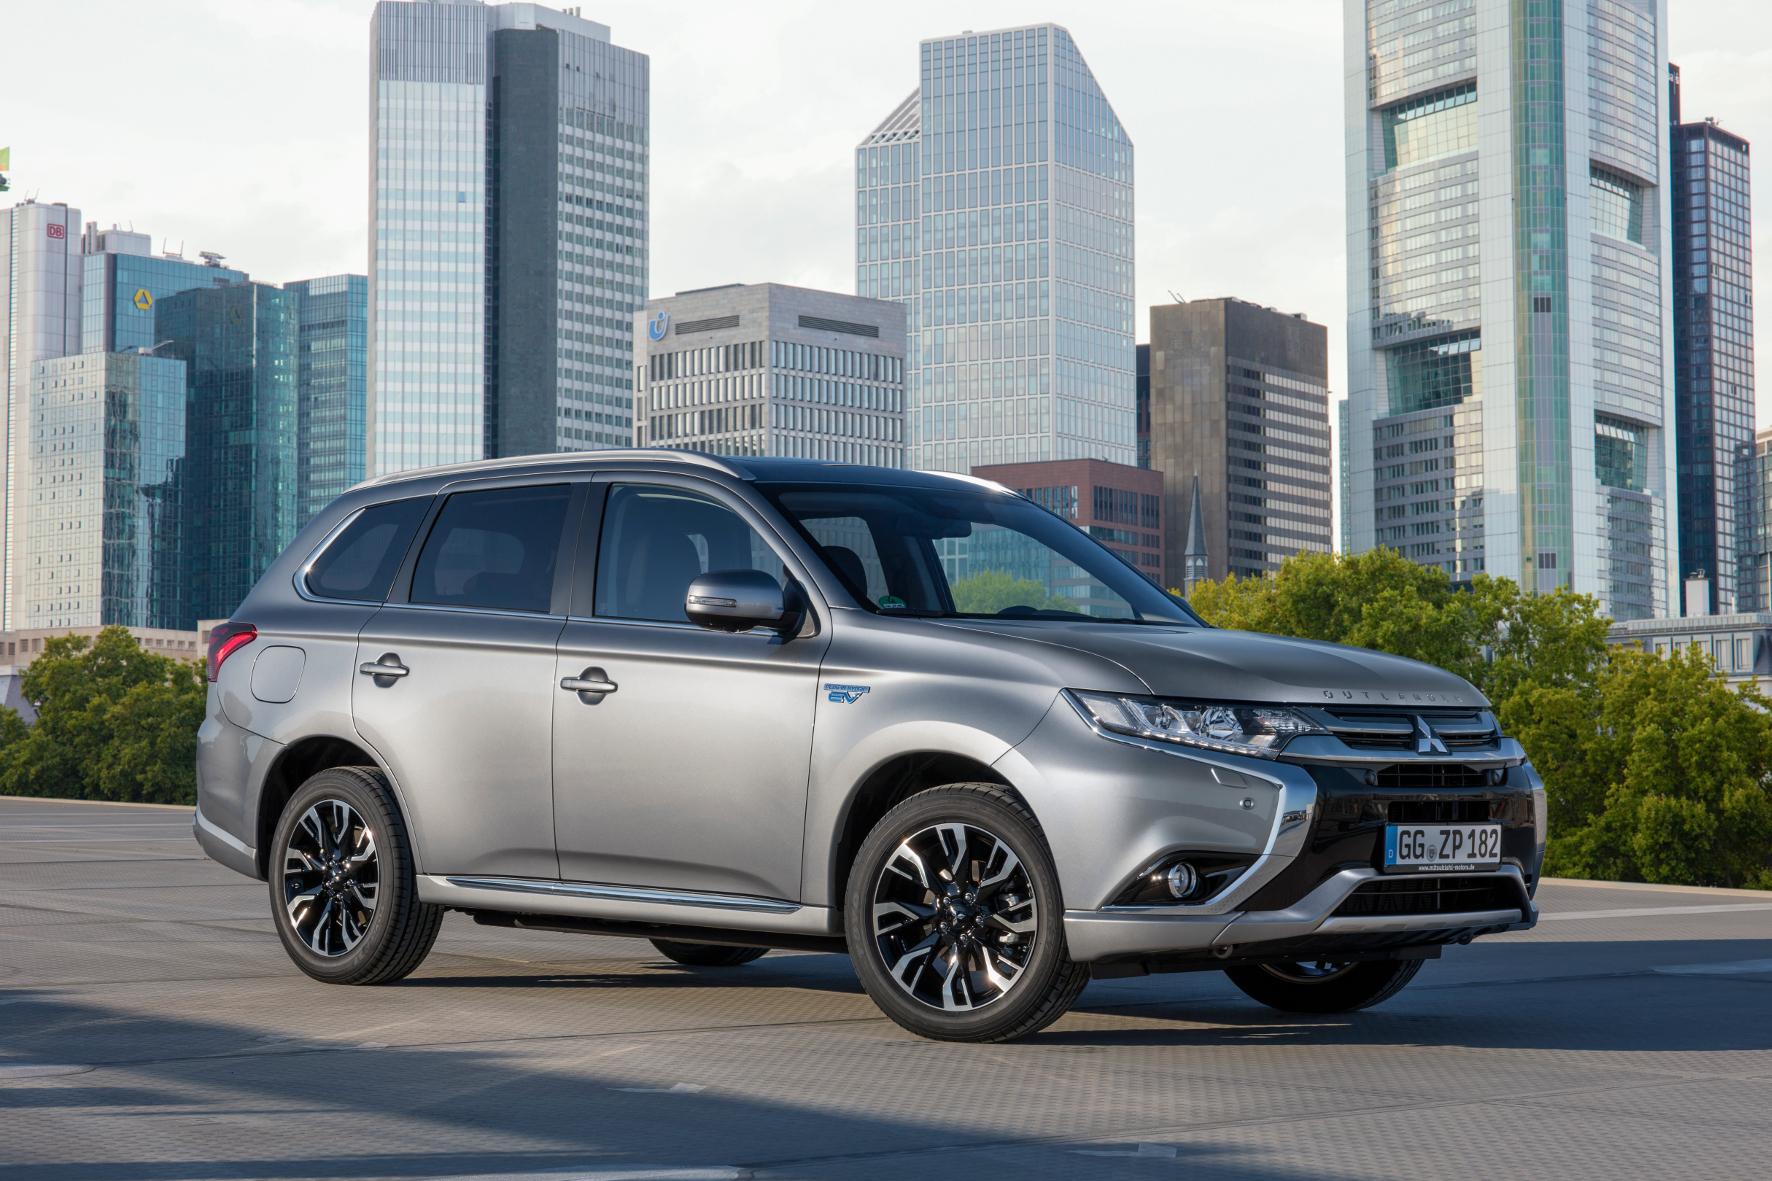 mid Groß-Gerau - Der Mitsubishi Outlander ist jetzt als Plug-in-Hybrid zu einem Preisvorteil von 6.000 Euro zu haben.